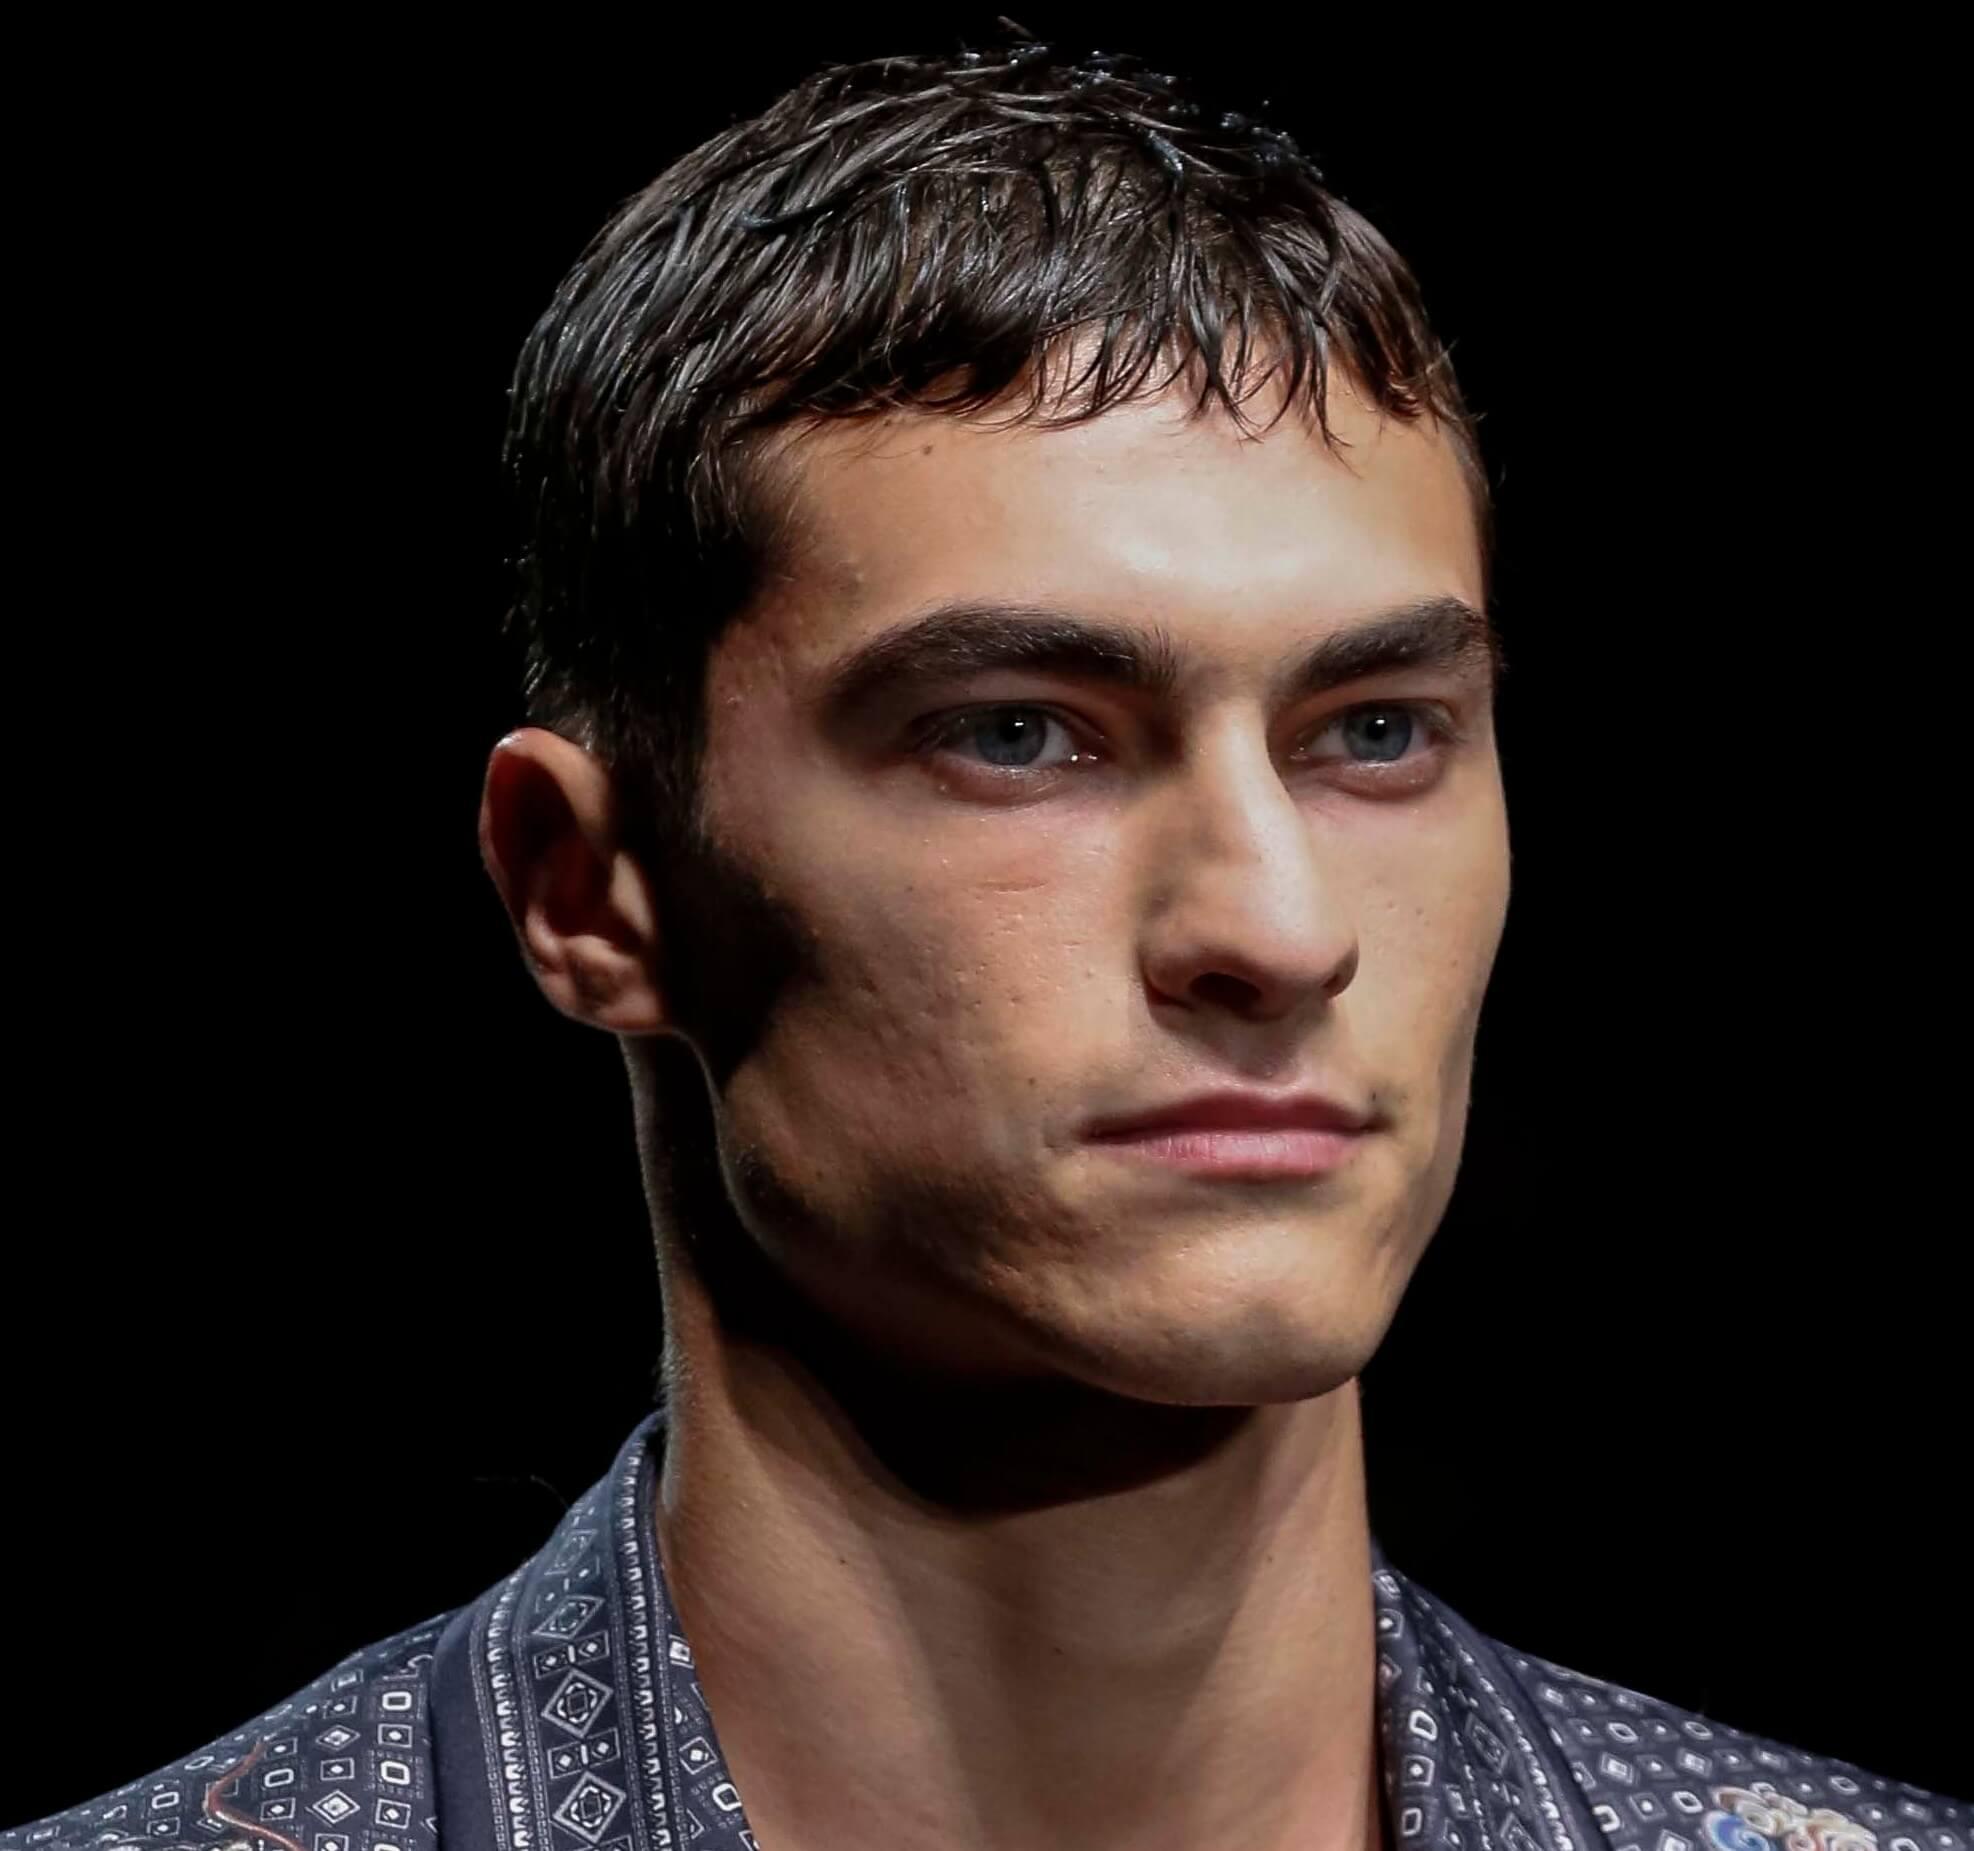 Modèle masculin aux cheveux foncés avec une coupe de César à l'aspect mouillé